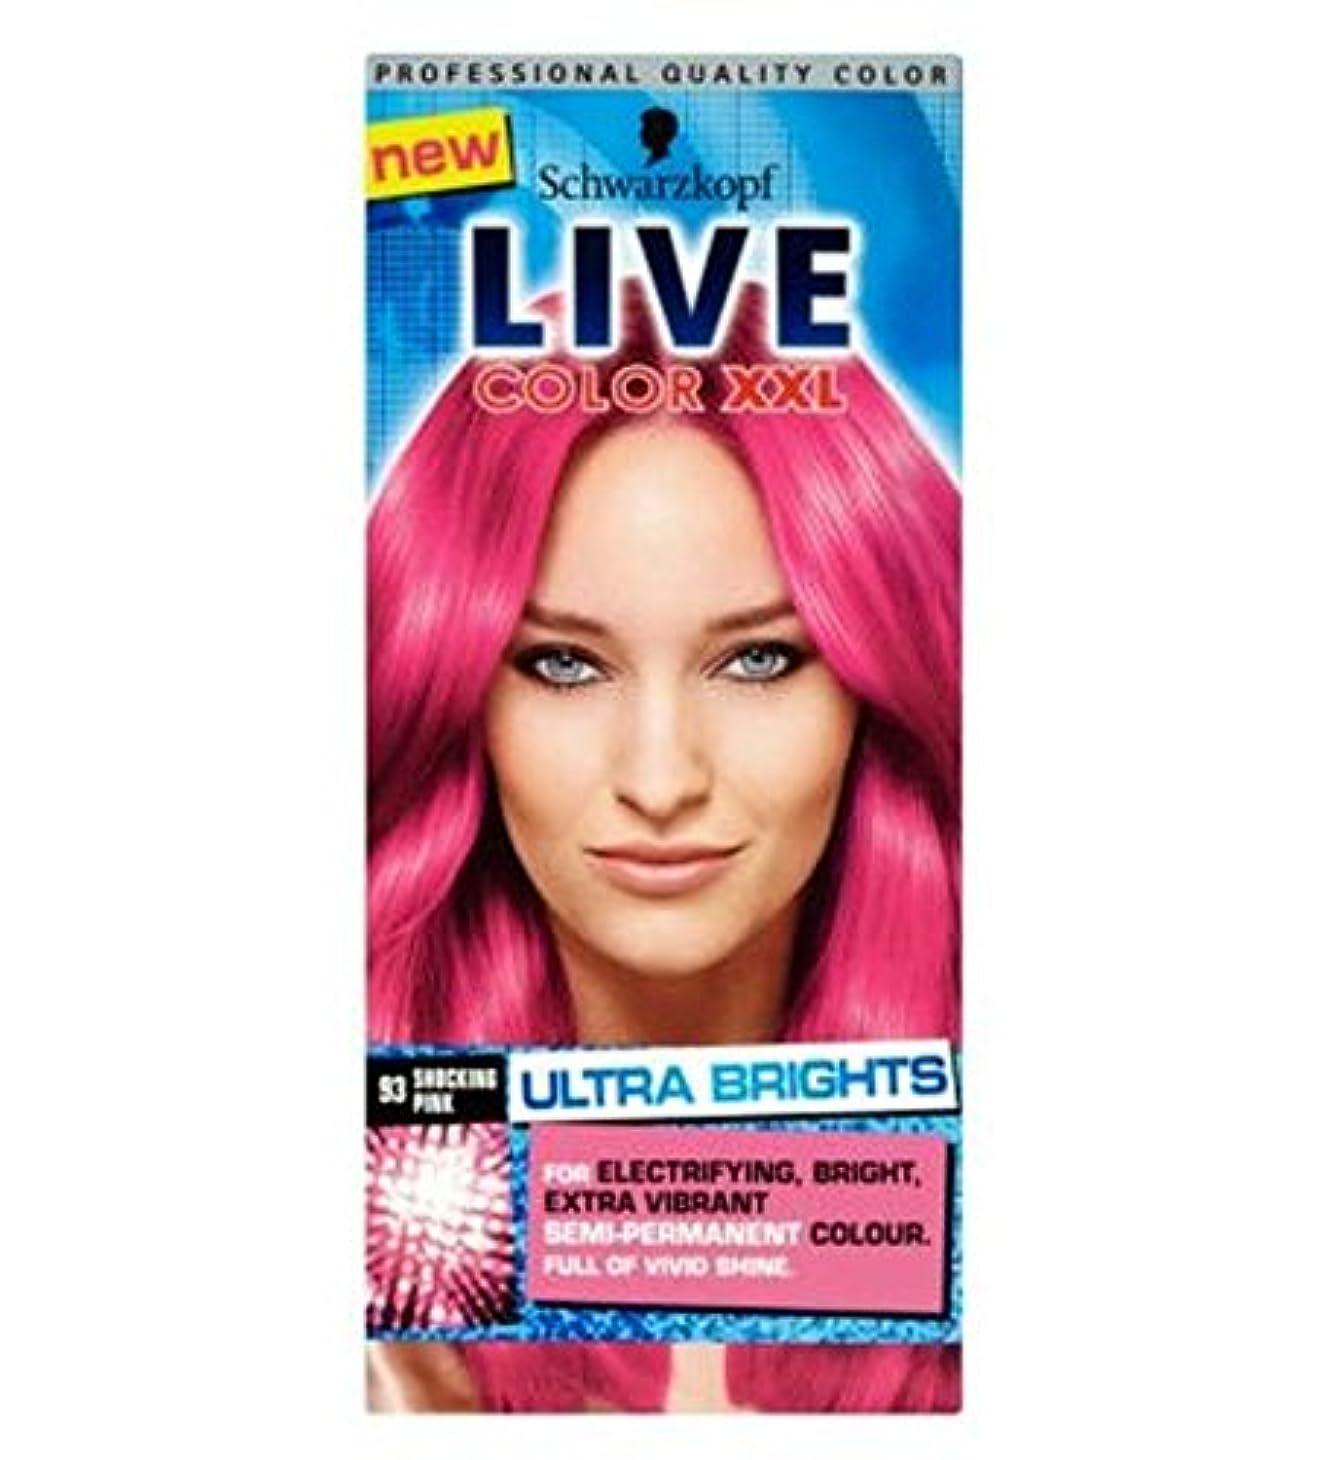 ソブリケット彼らのミットSchwarzkopf LIVE Color XXL Ultra Brights 93 Shocking Pink Semi-Permanent Pink Hair Dye - シュワルツコフライブカラーXxl超輝93ショッキングピンク...